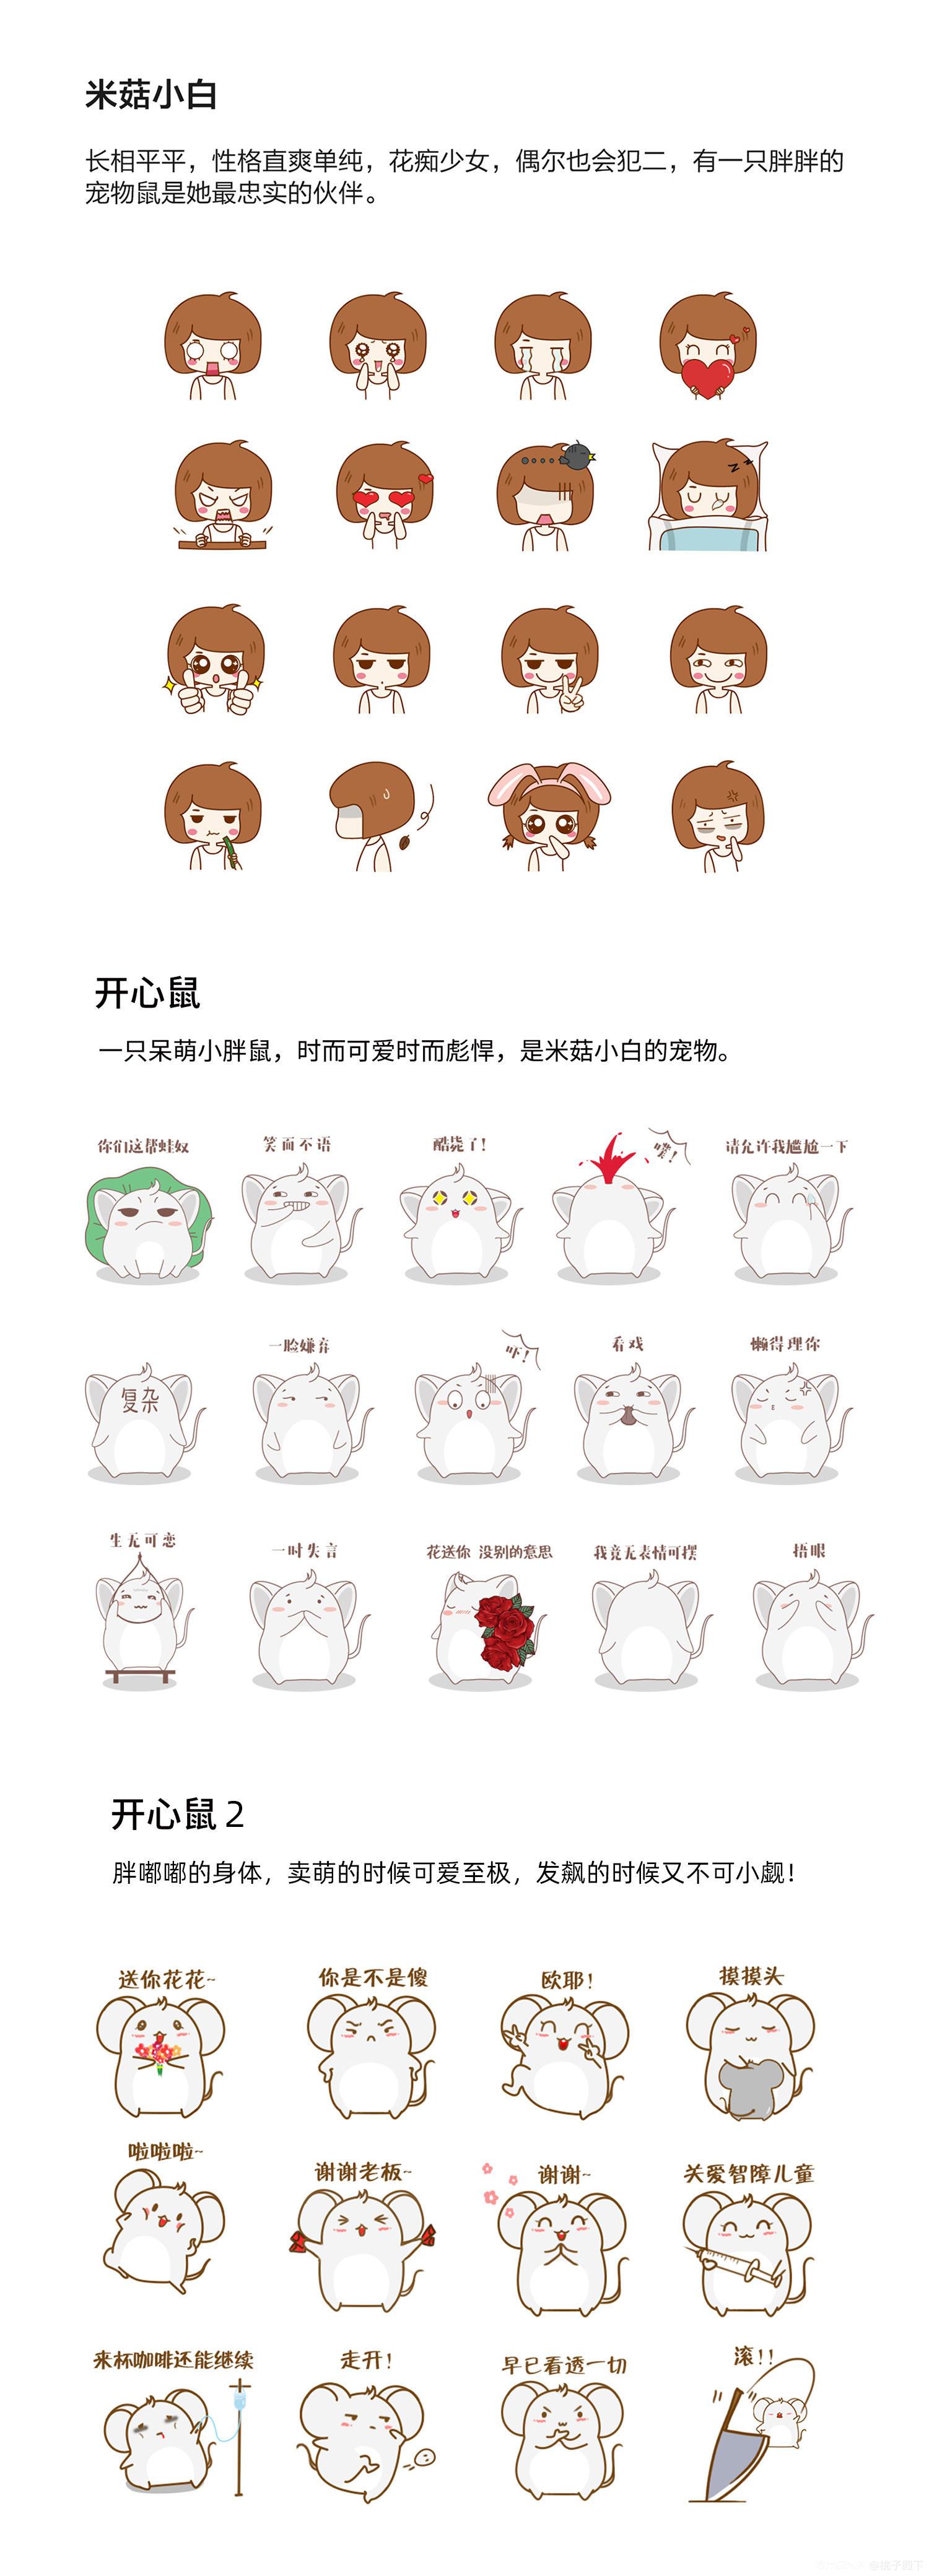 周一到周五qq表情_表情包系列平面插画设计作品-设计人才灵活用工-设计DNA